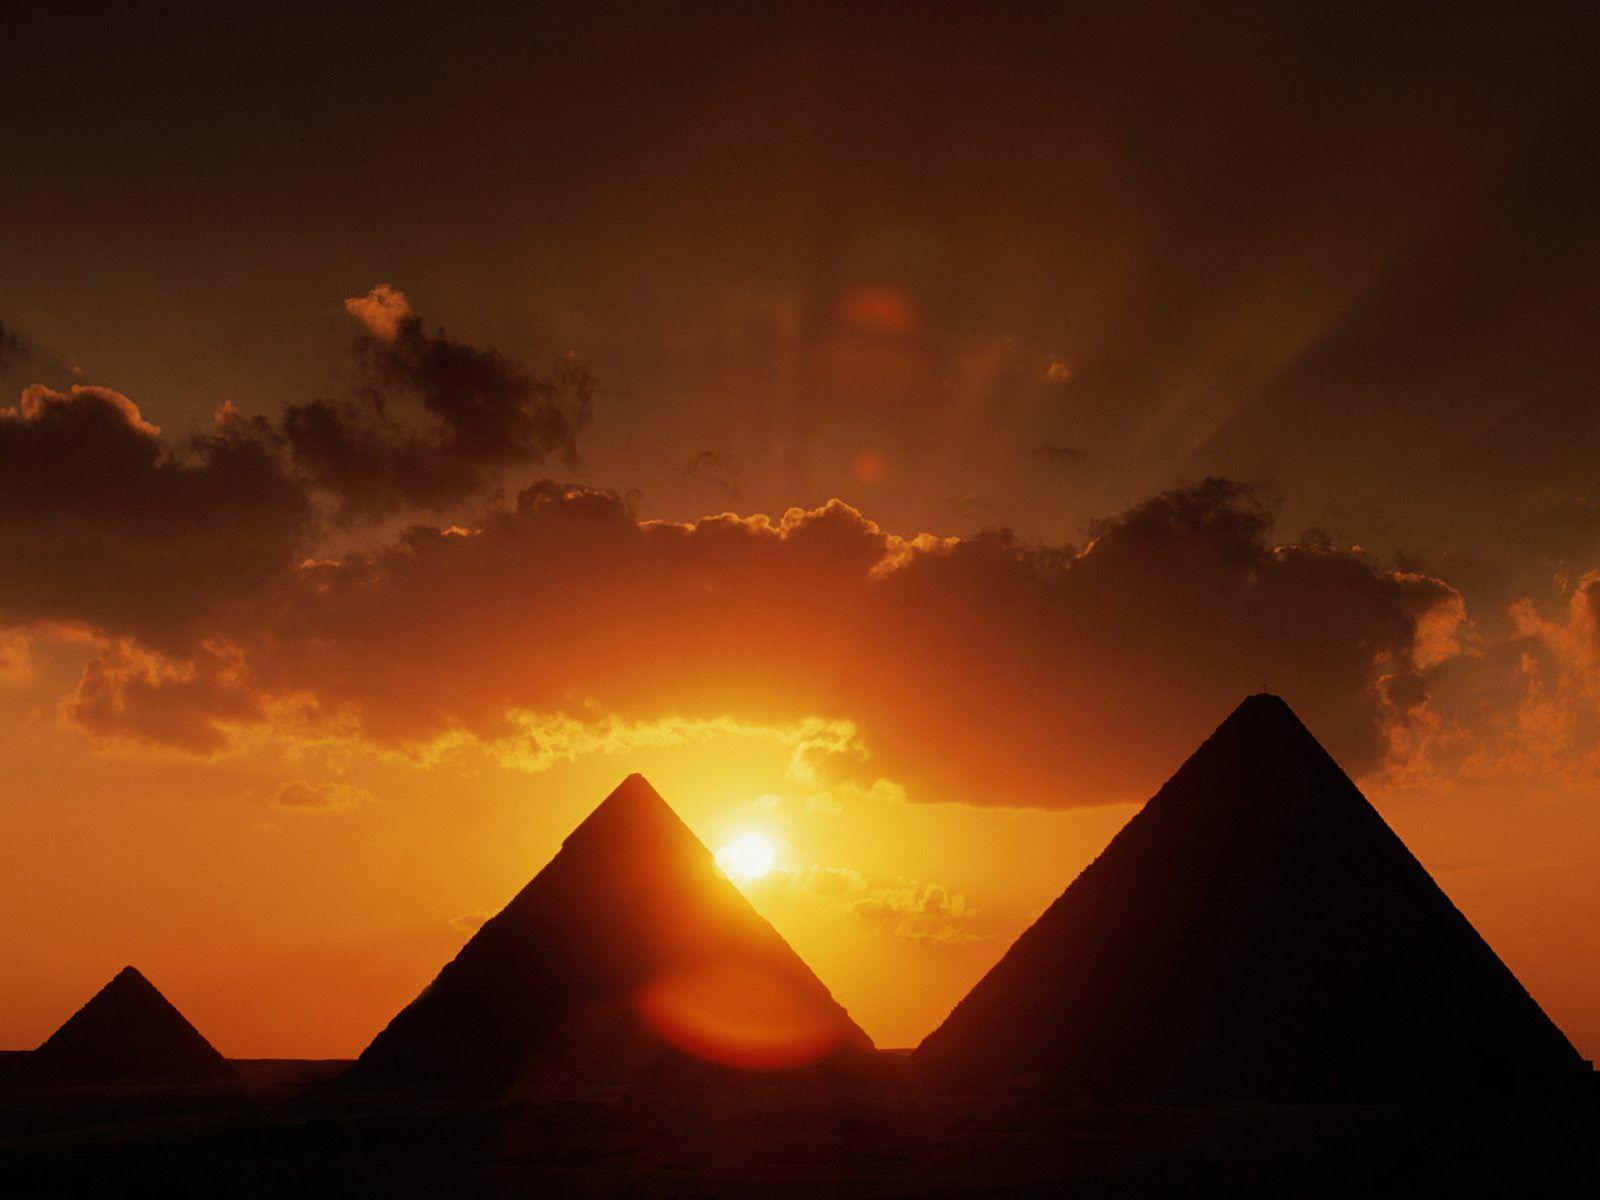 beautiful sunset sunsets - photo #36